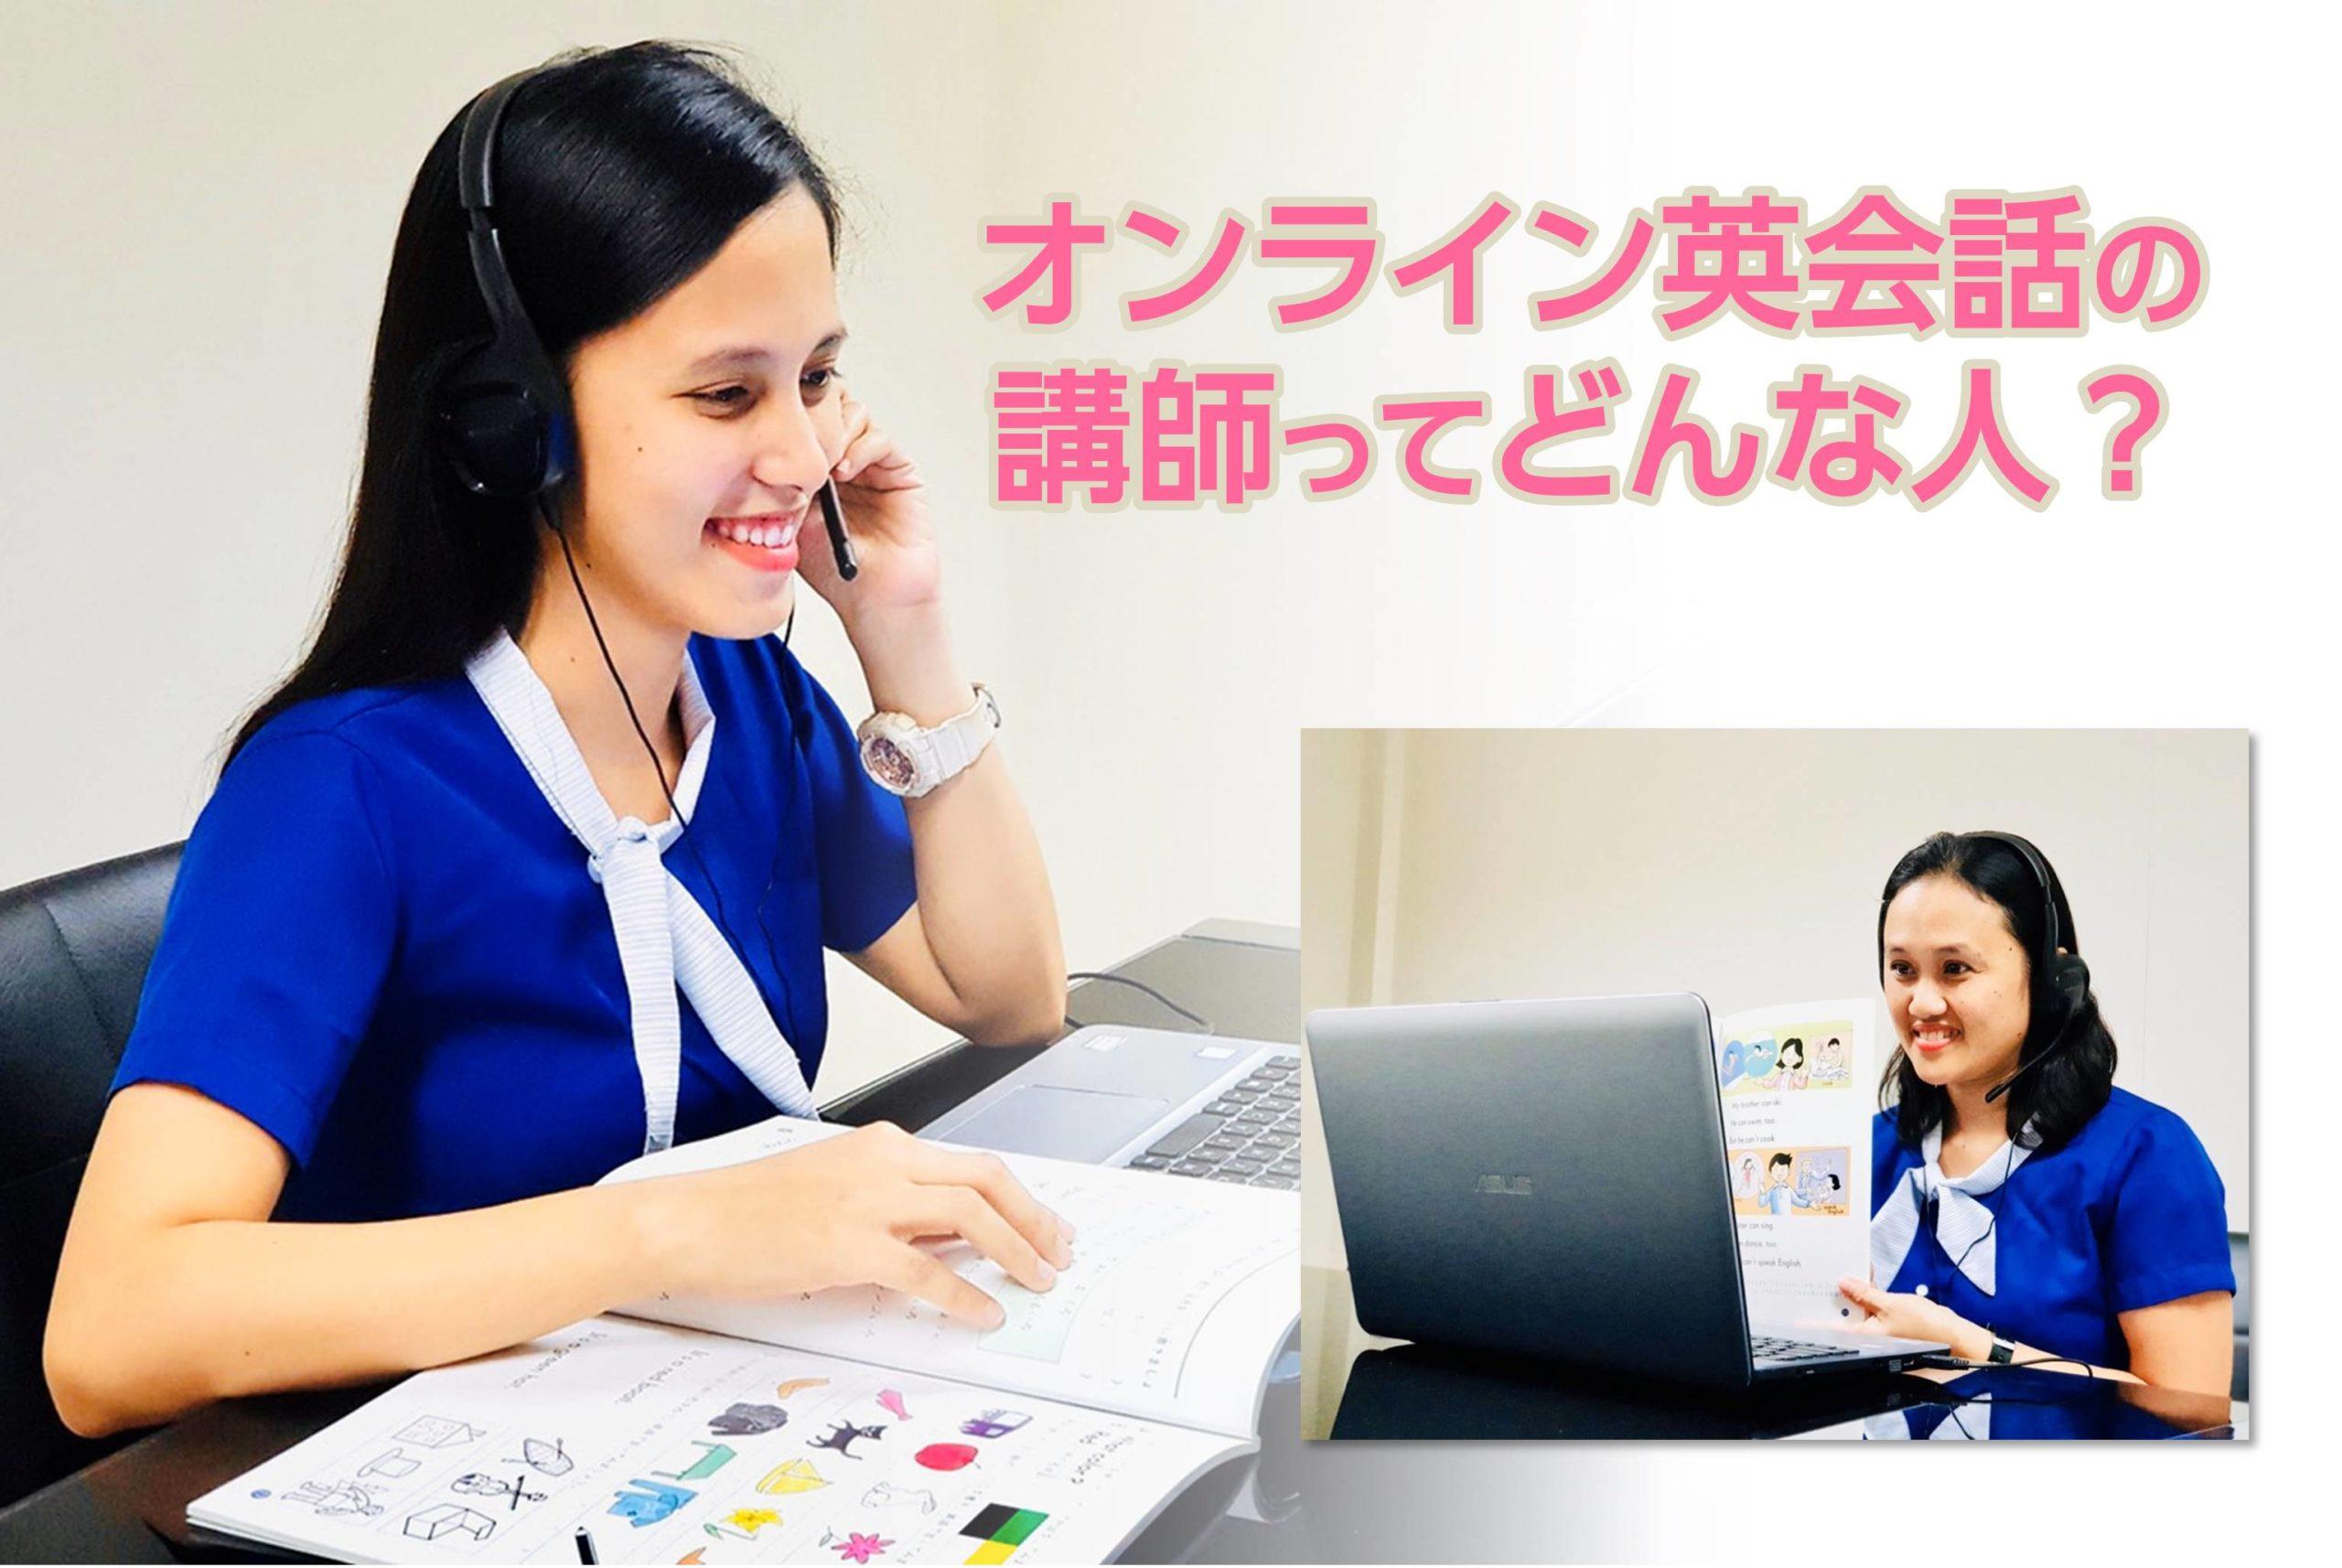 オンライン英会話の講師ってどんな人?